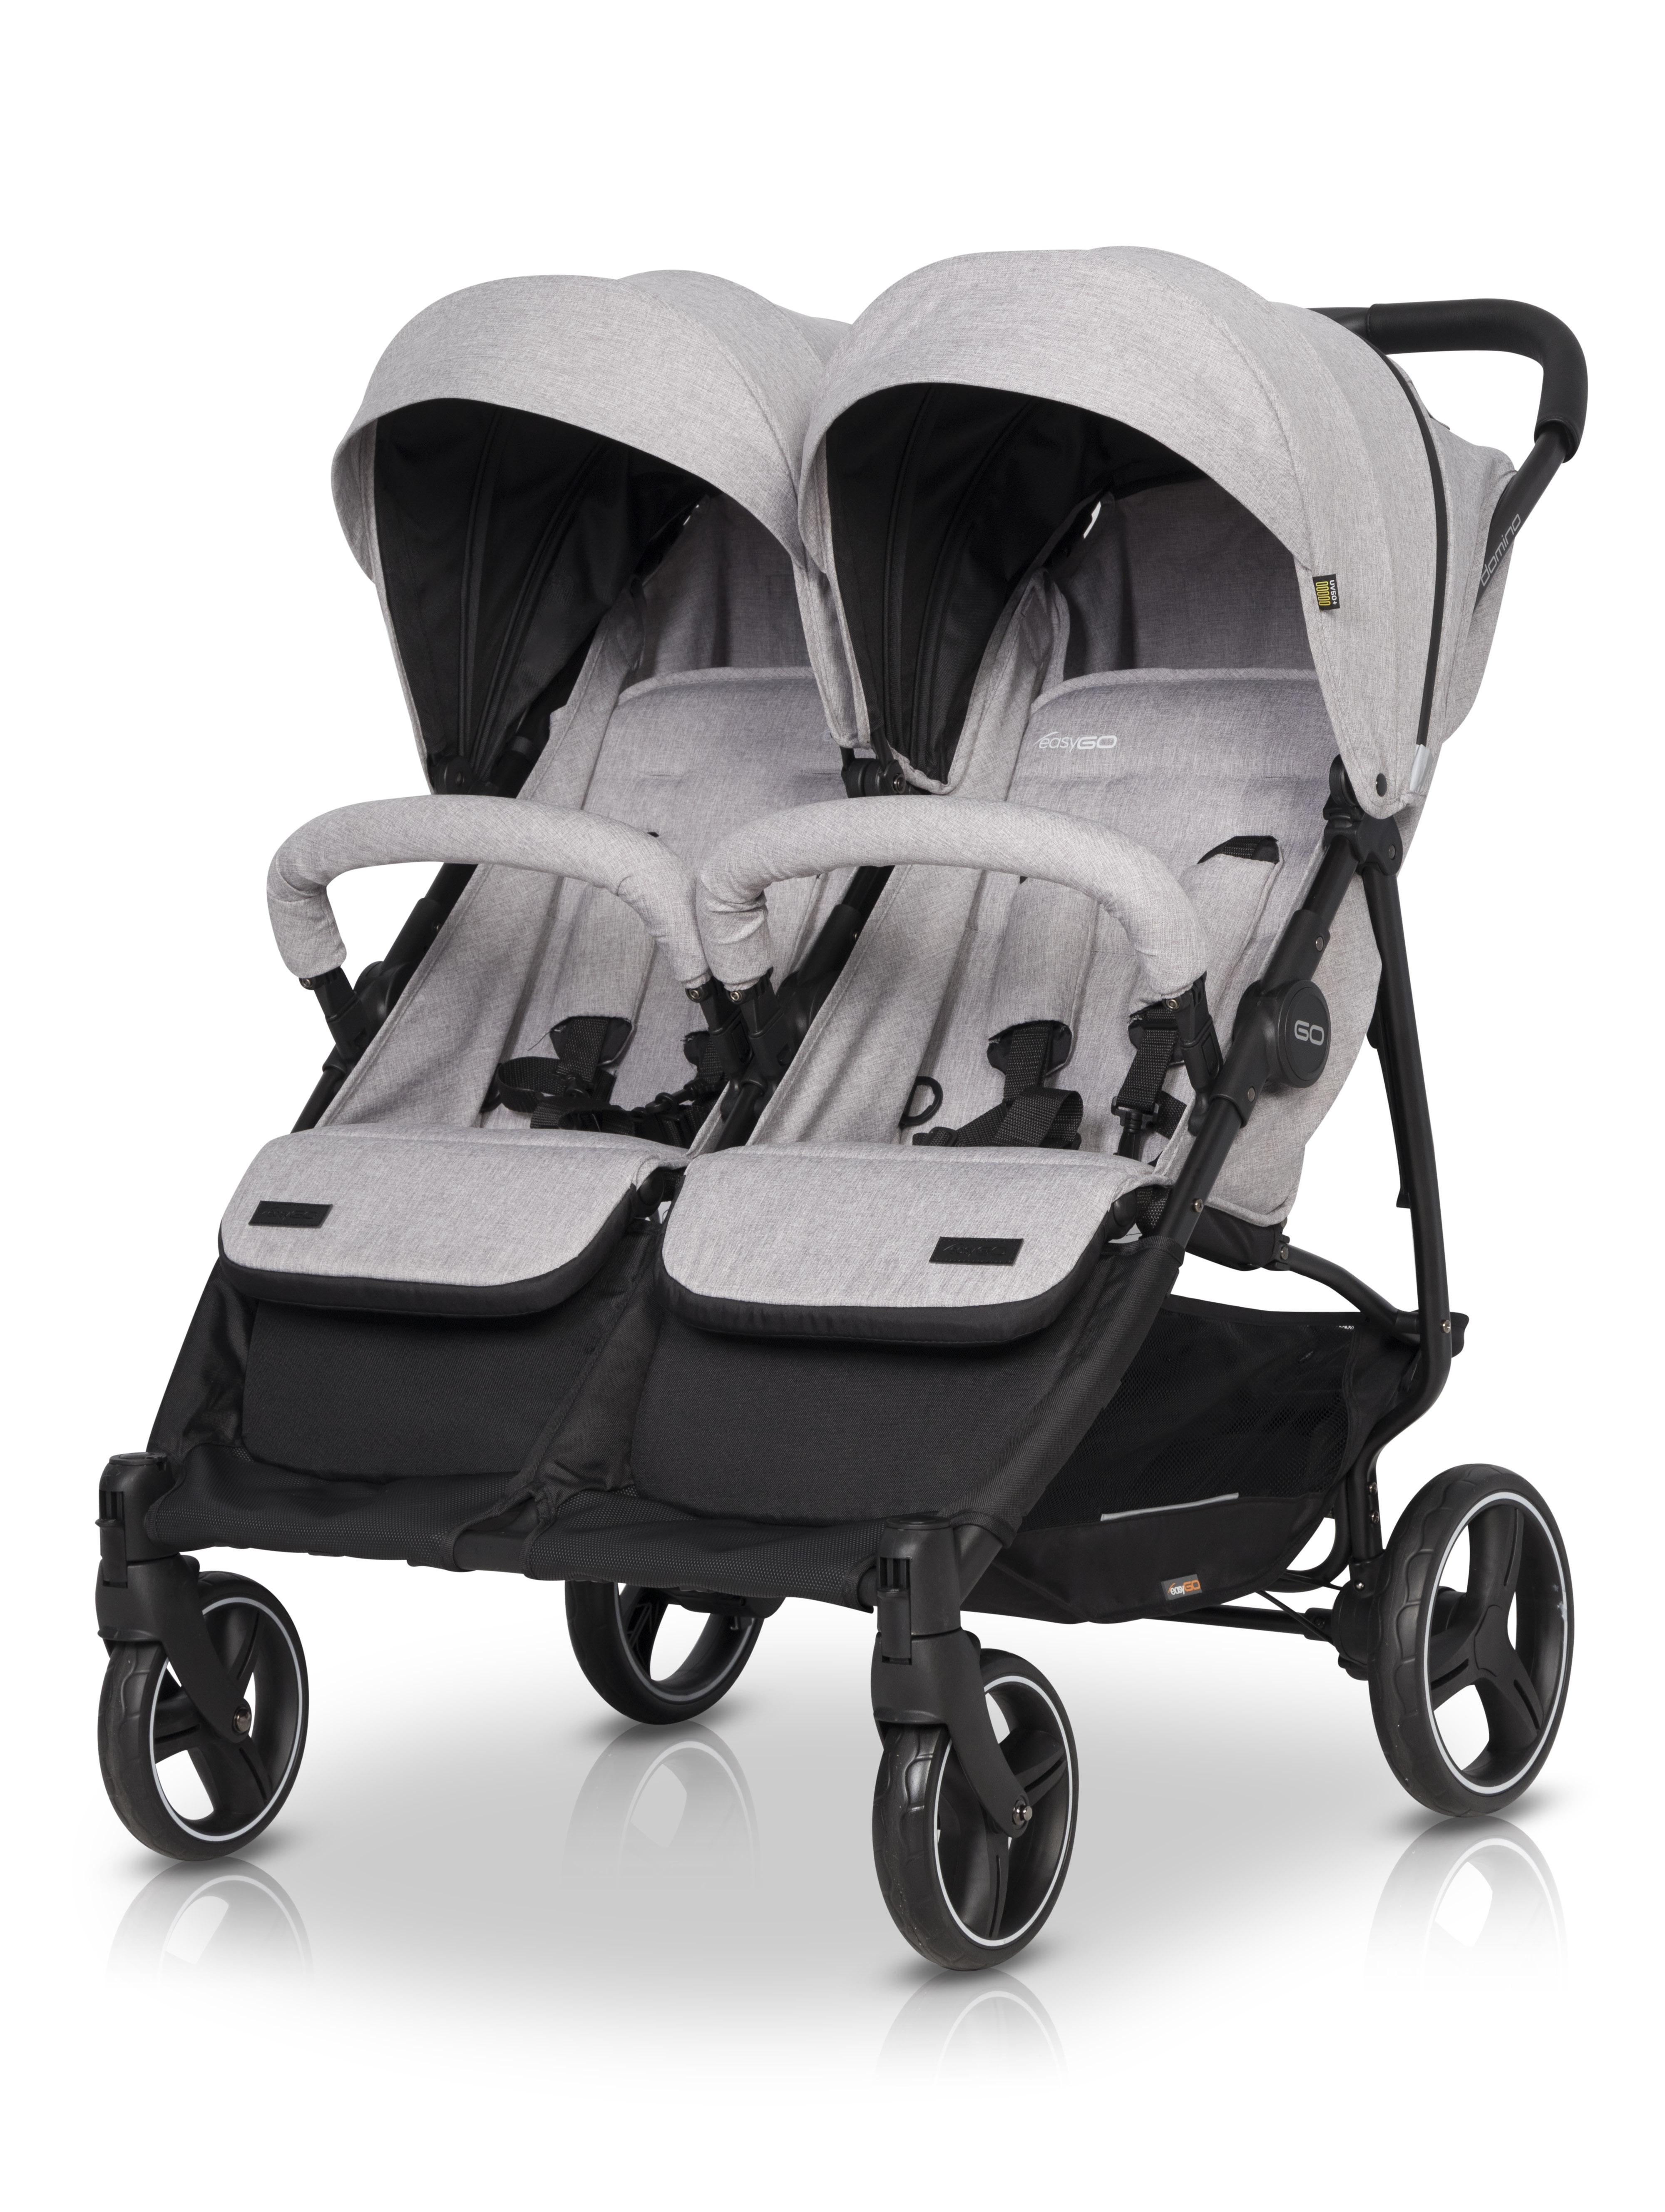 EasyGo Domino blixniaczy wózek dziecięcy